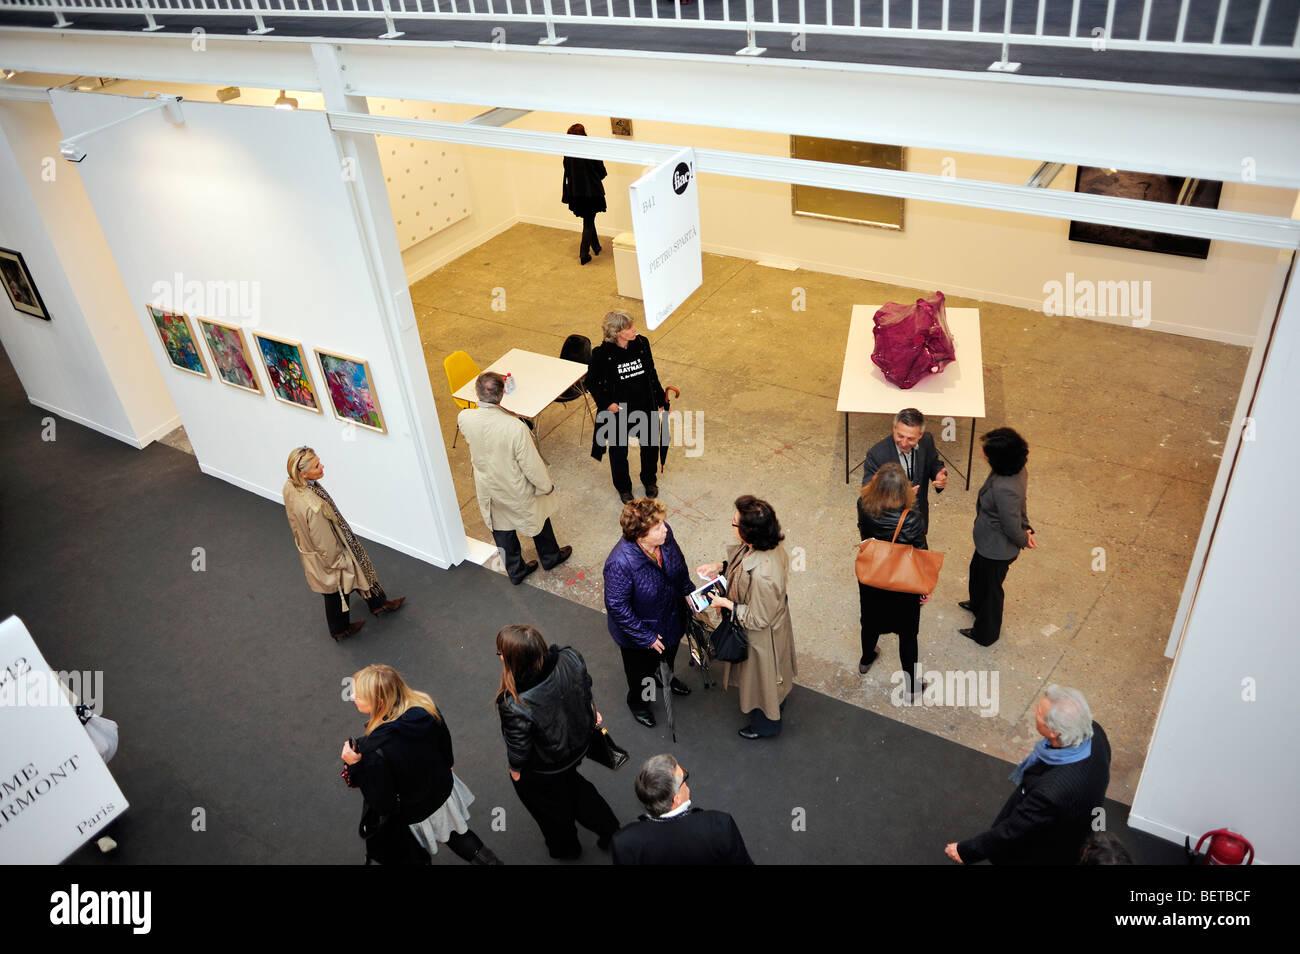 París, Francia, la gente que visita anual de Arte Contemporáneo (FIAC), show, feria comercial en 'Grand Imagen De Stock